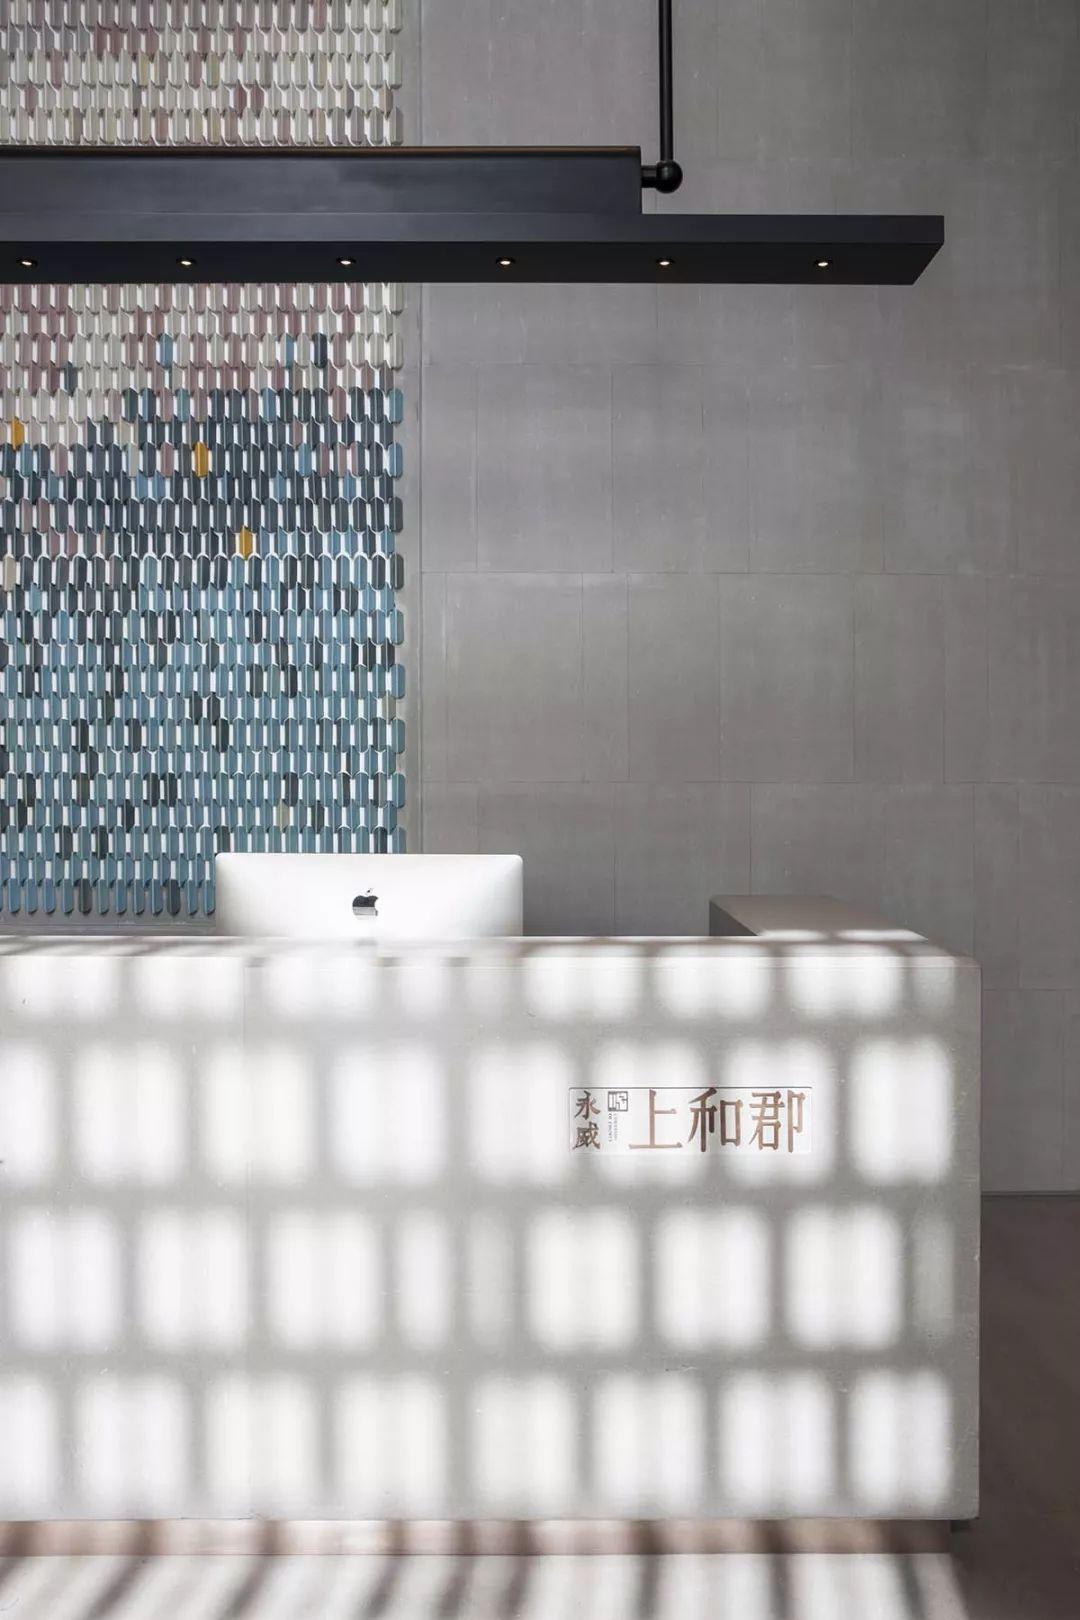 【半木新作创始人吕永中私家】1600平方米以平台家具景观设计图片